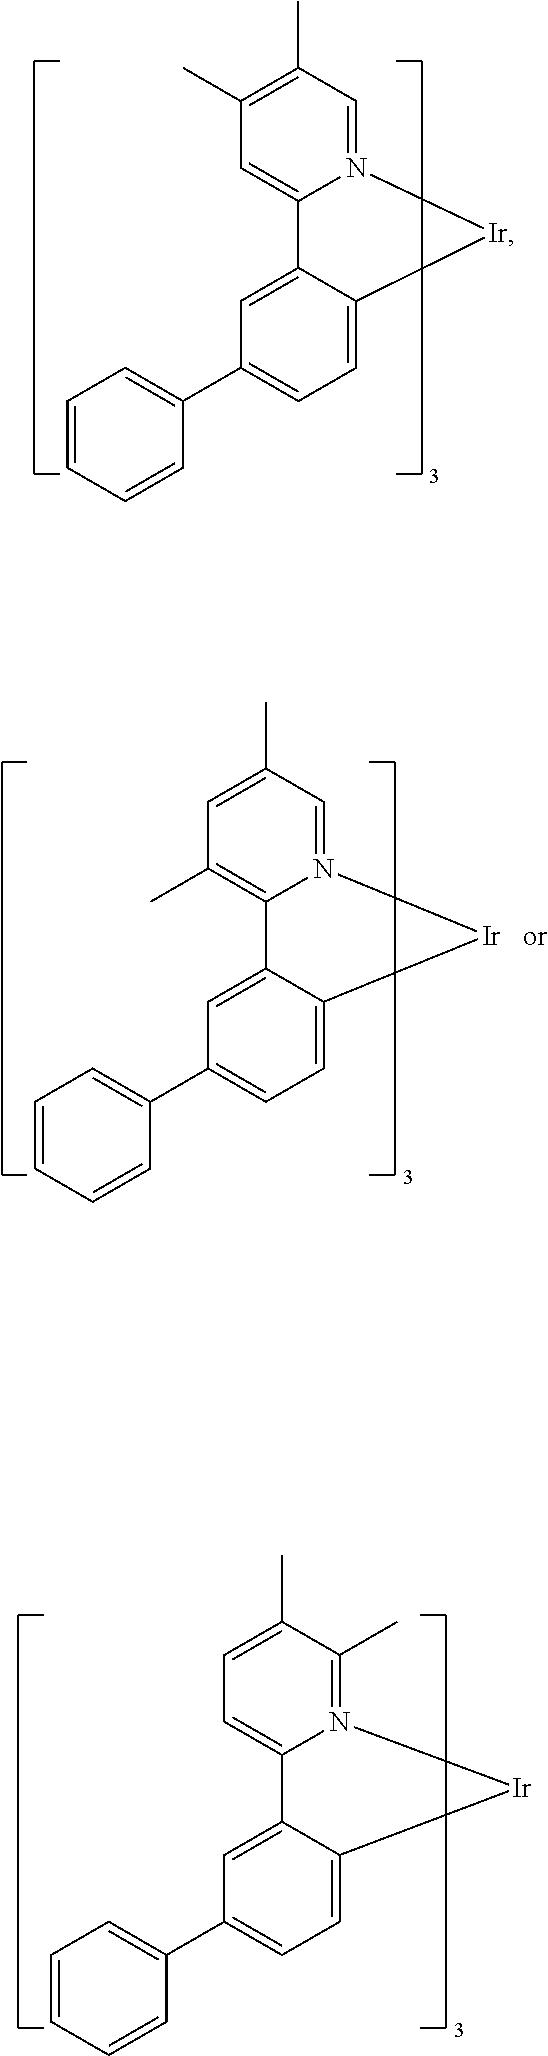 Figure US20110060143A1-20110310-C00047